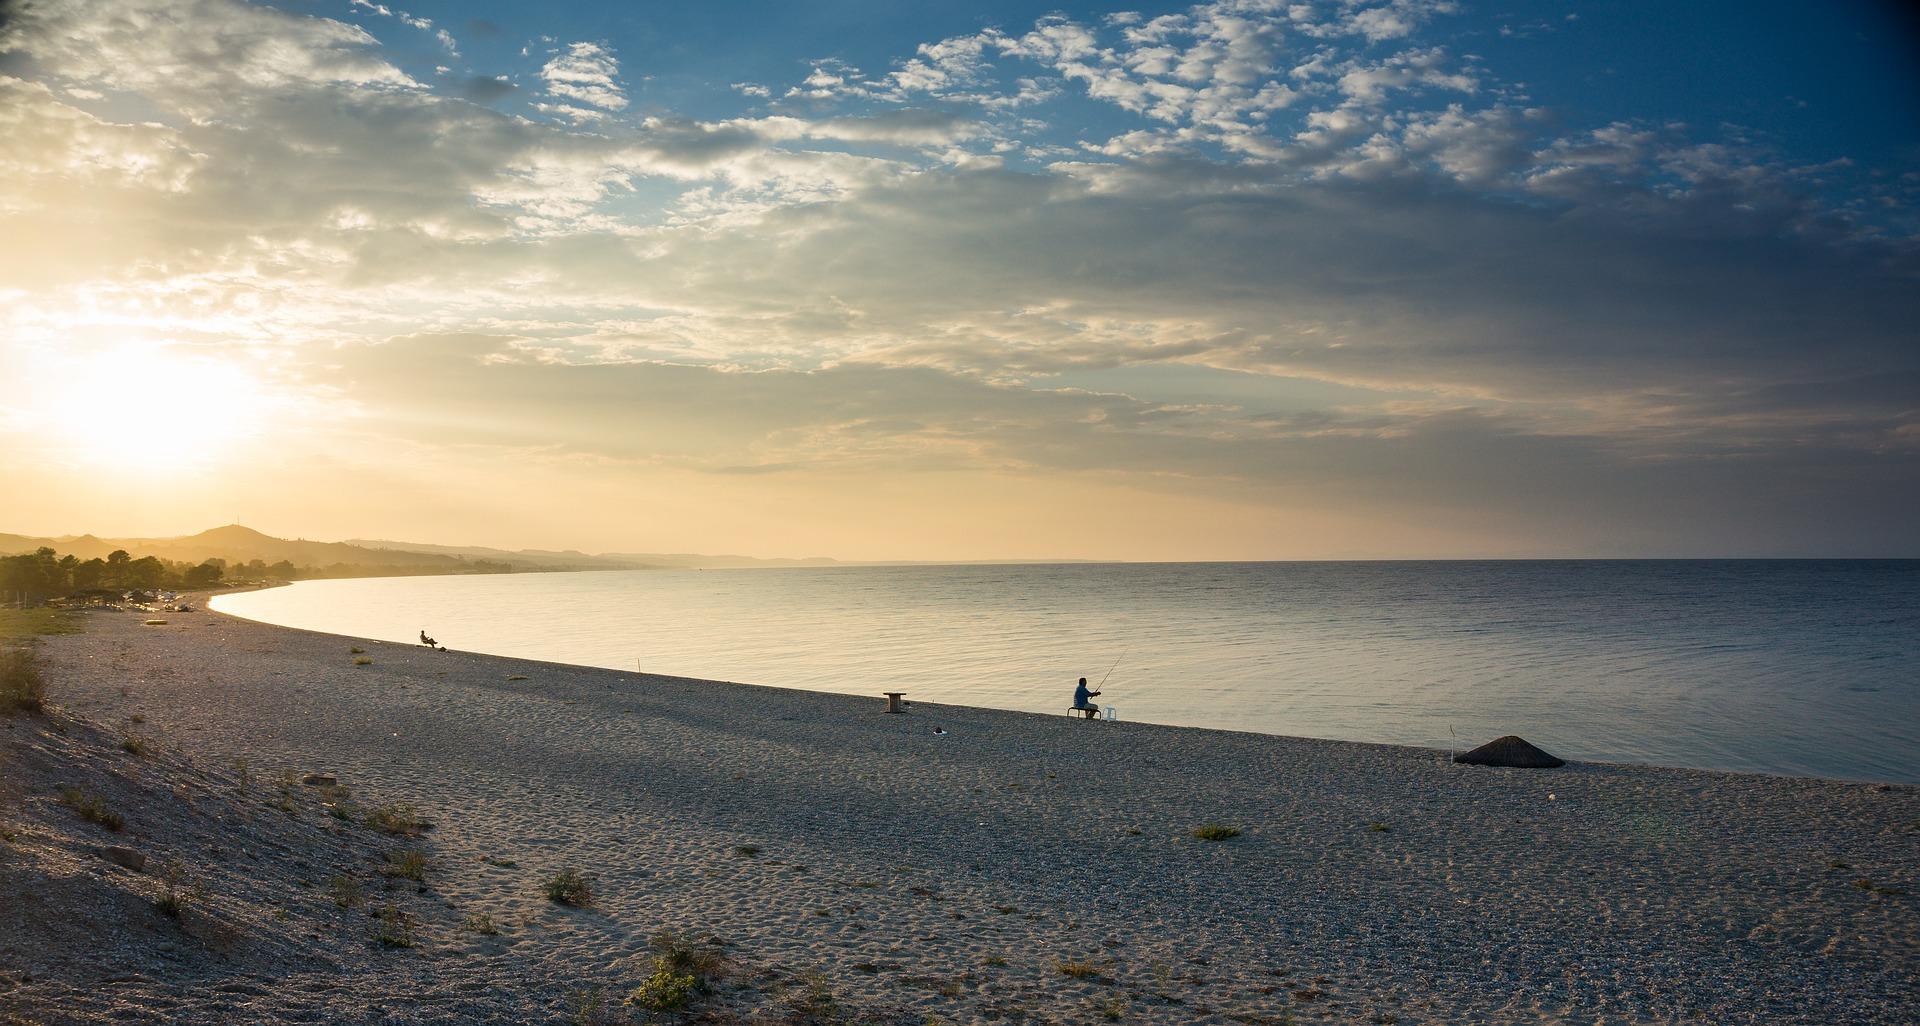 beach-5702545_1920